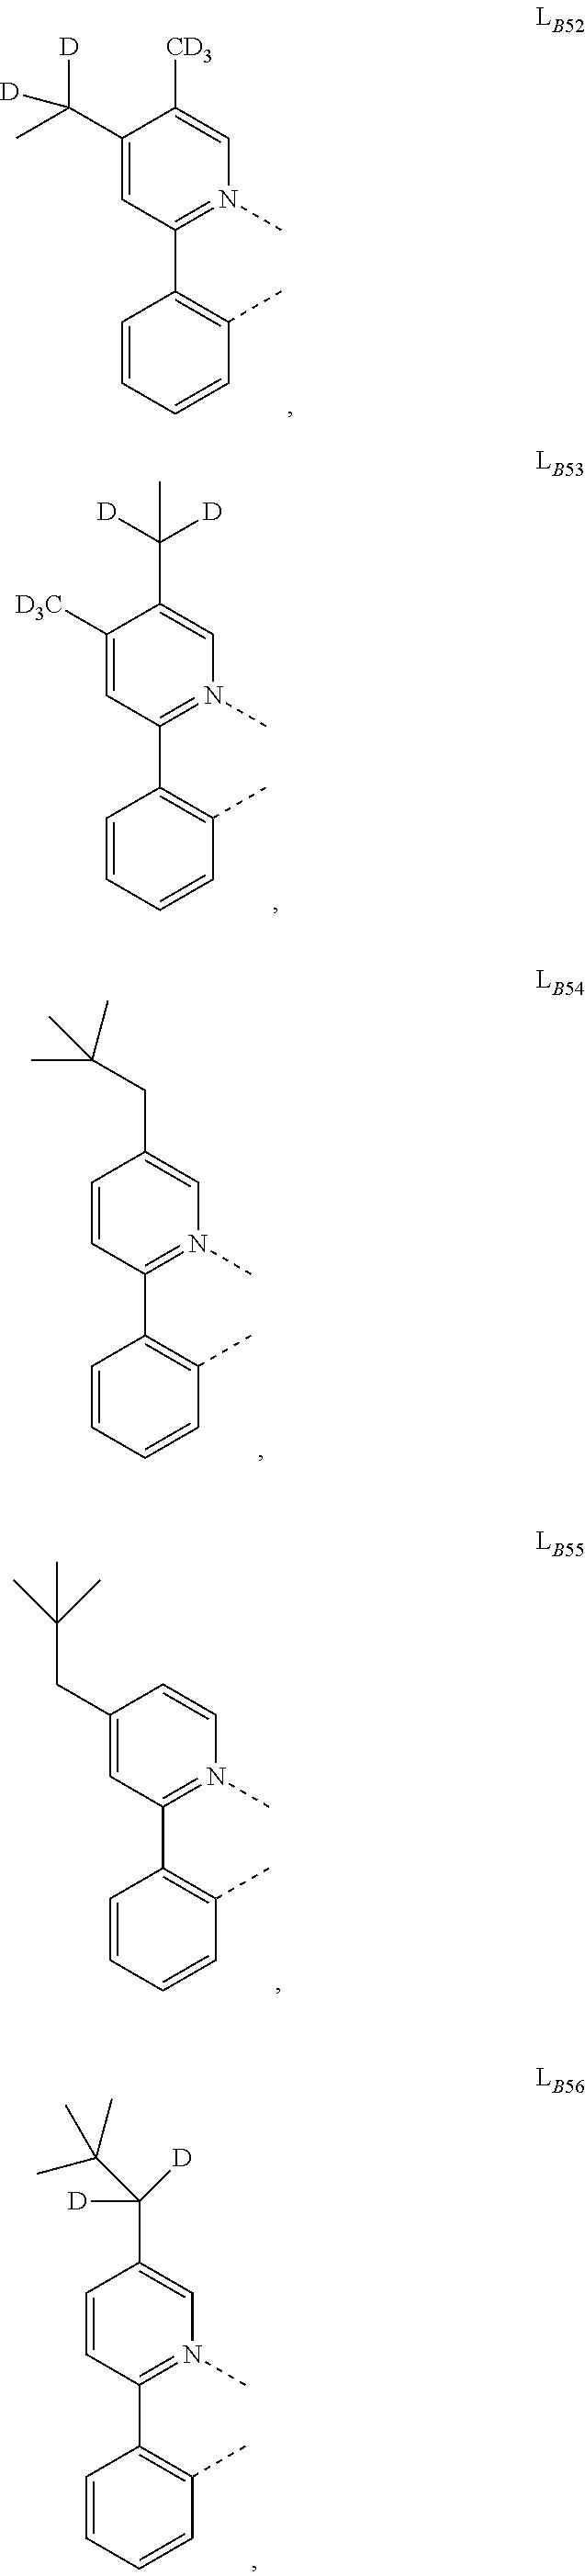 Figure US20160049599A1-20160218-C00506